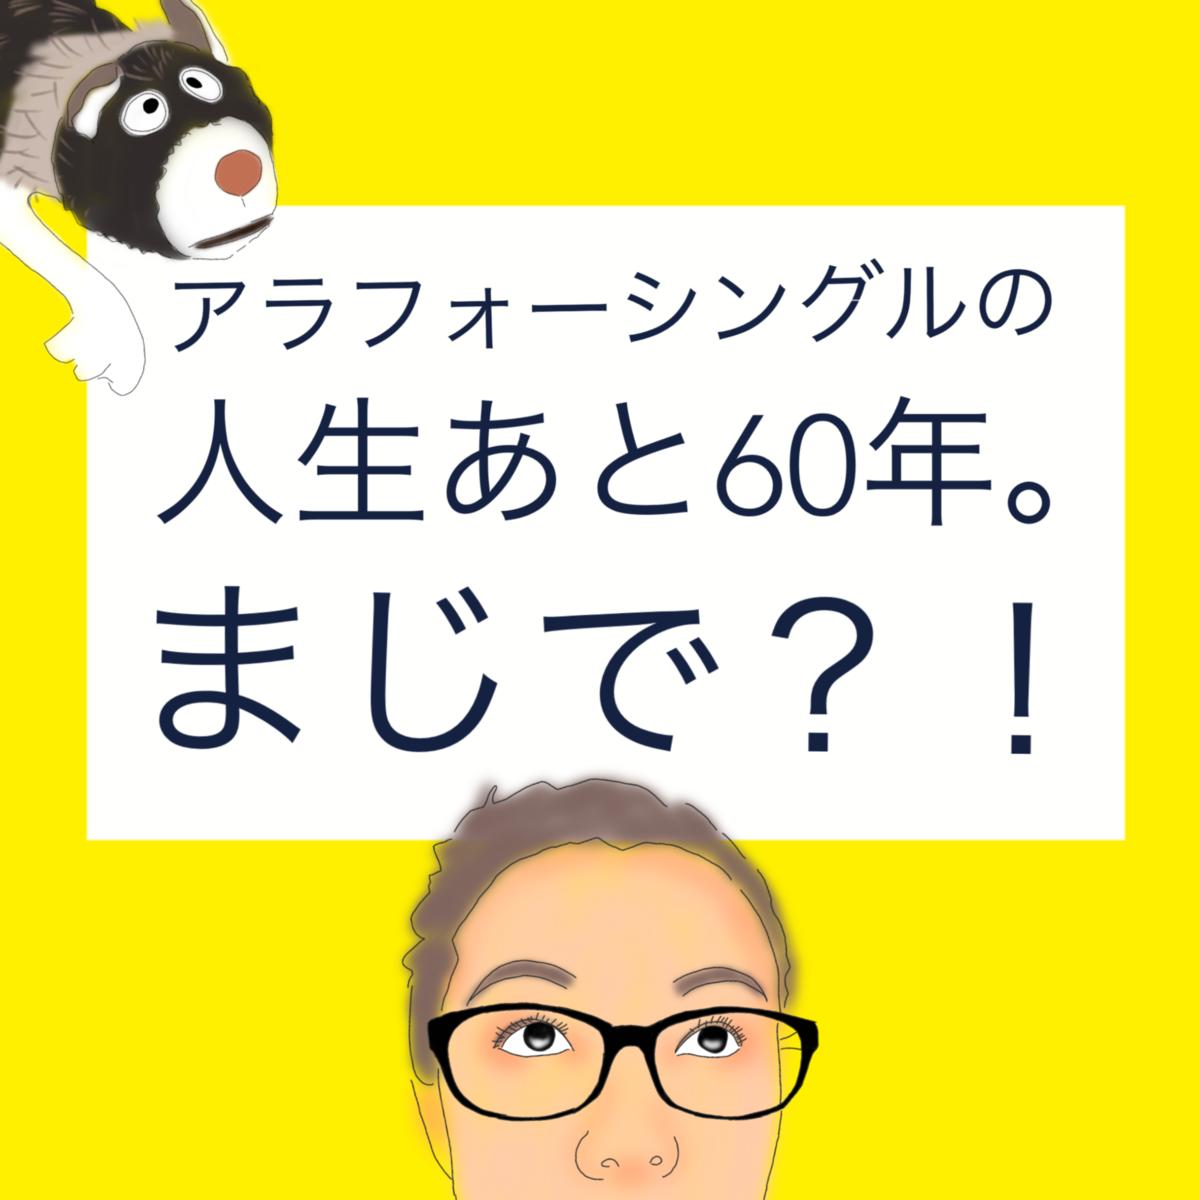 f:id:fullofquestions:20191230232433p:plain